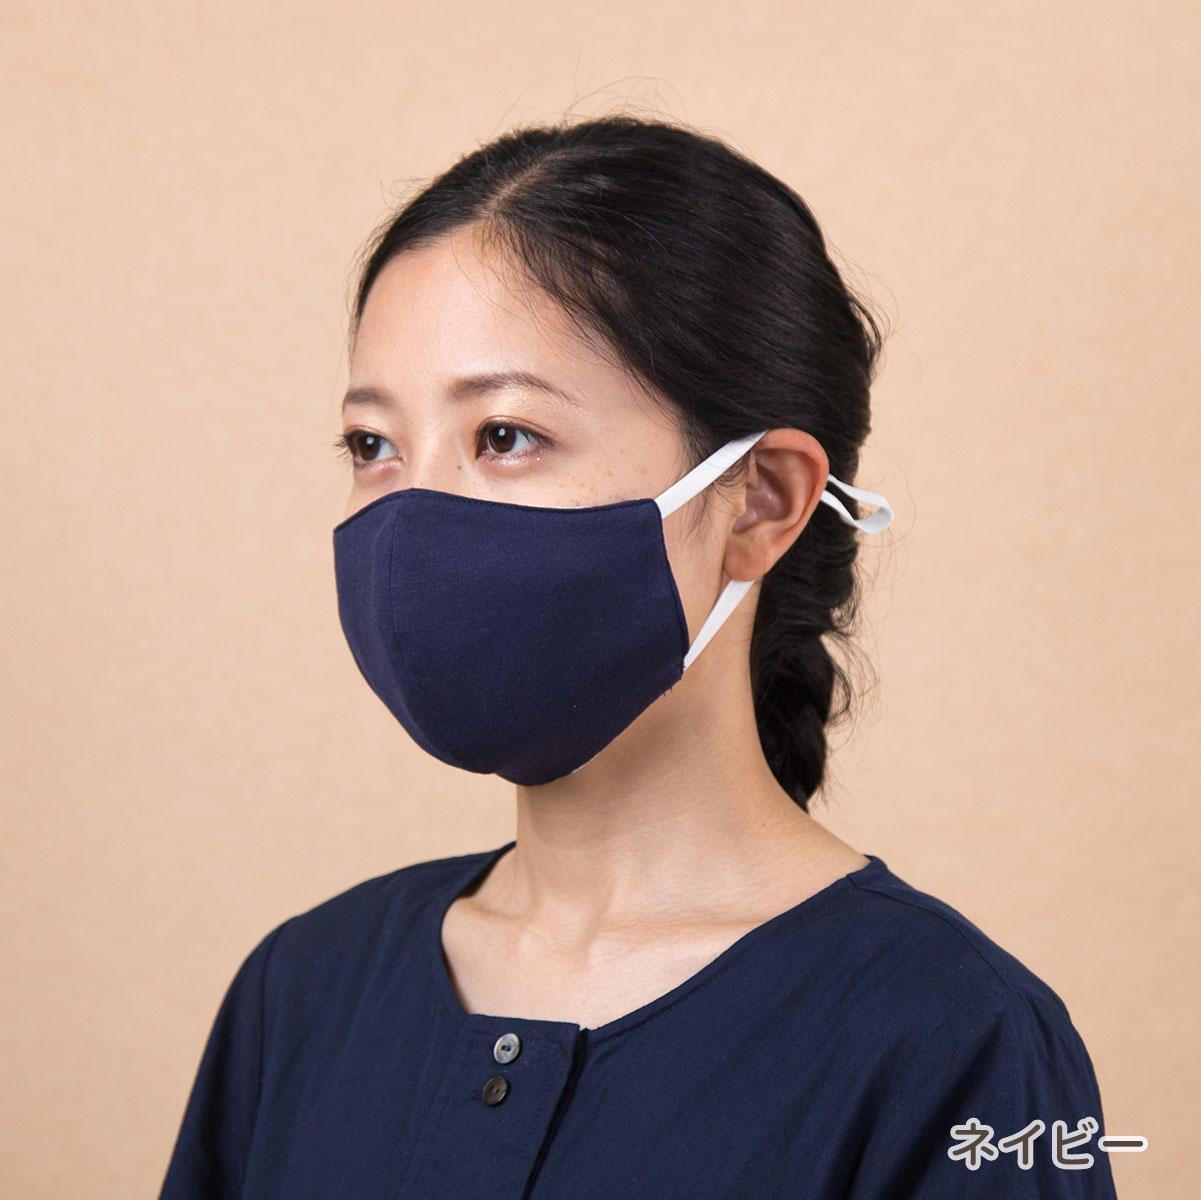 【大人用】ワイヤーなし/リバーシブル冷感マスク(ネイビー/パープル) HH1706/HH1707 (衛生用品)